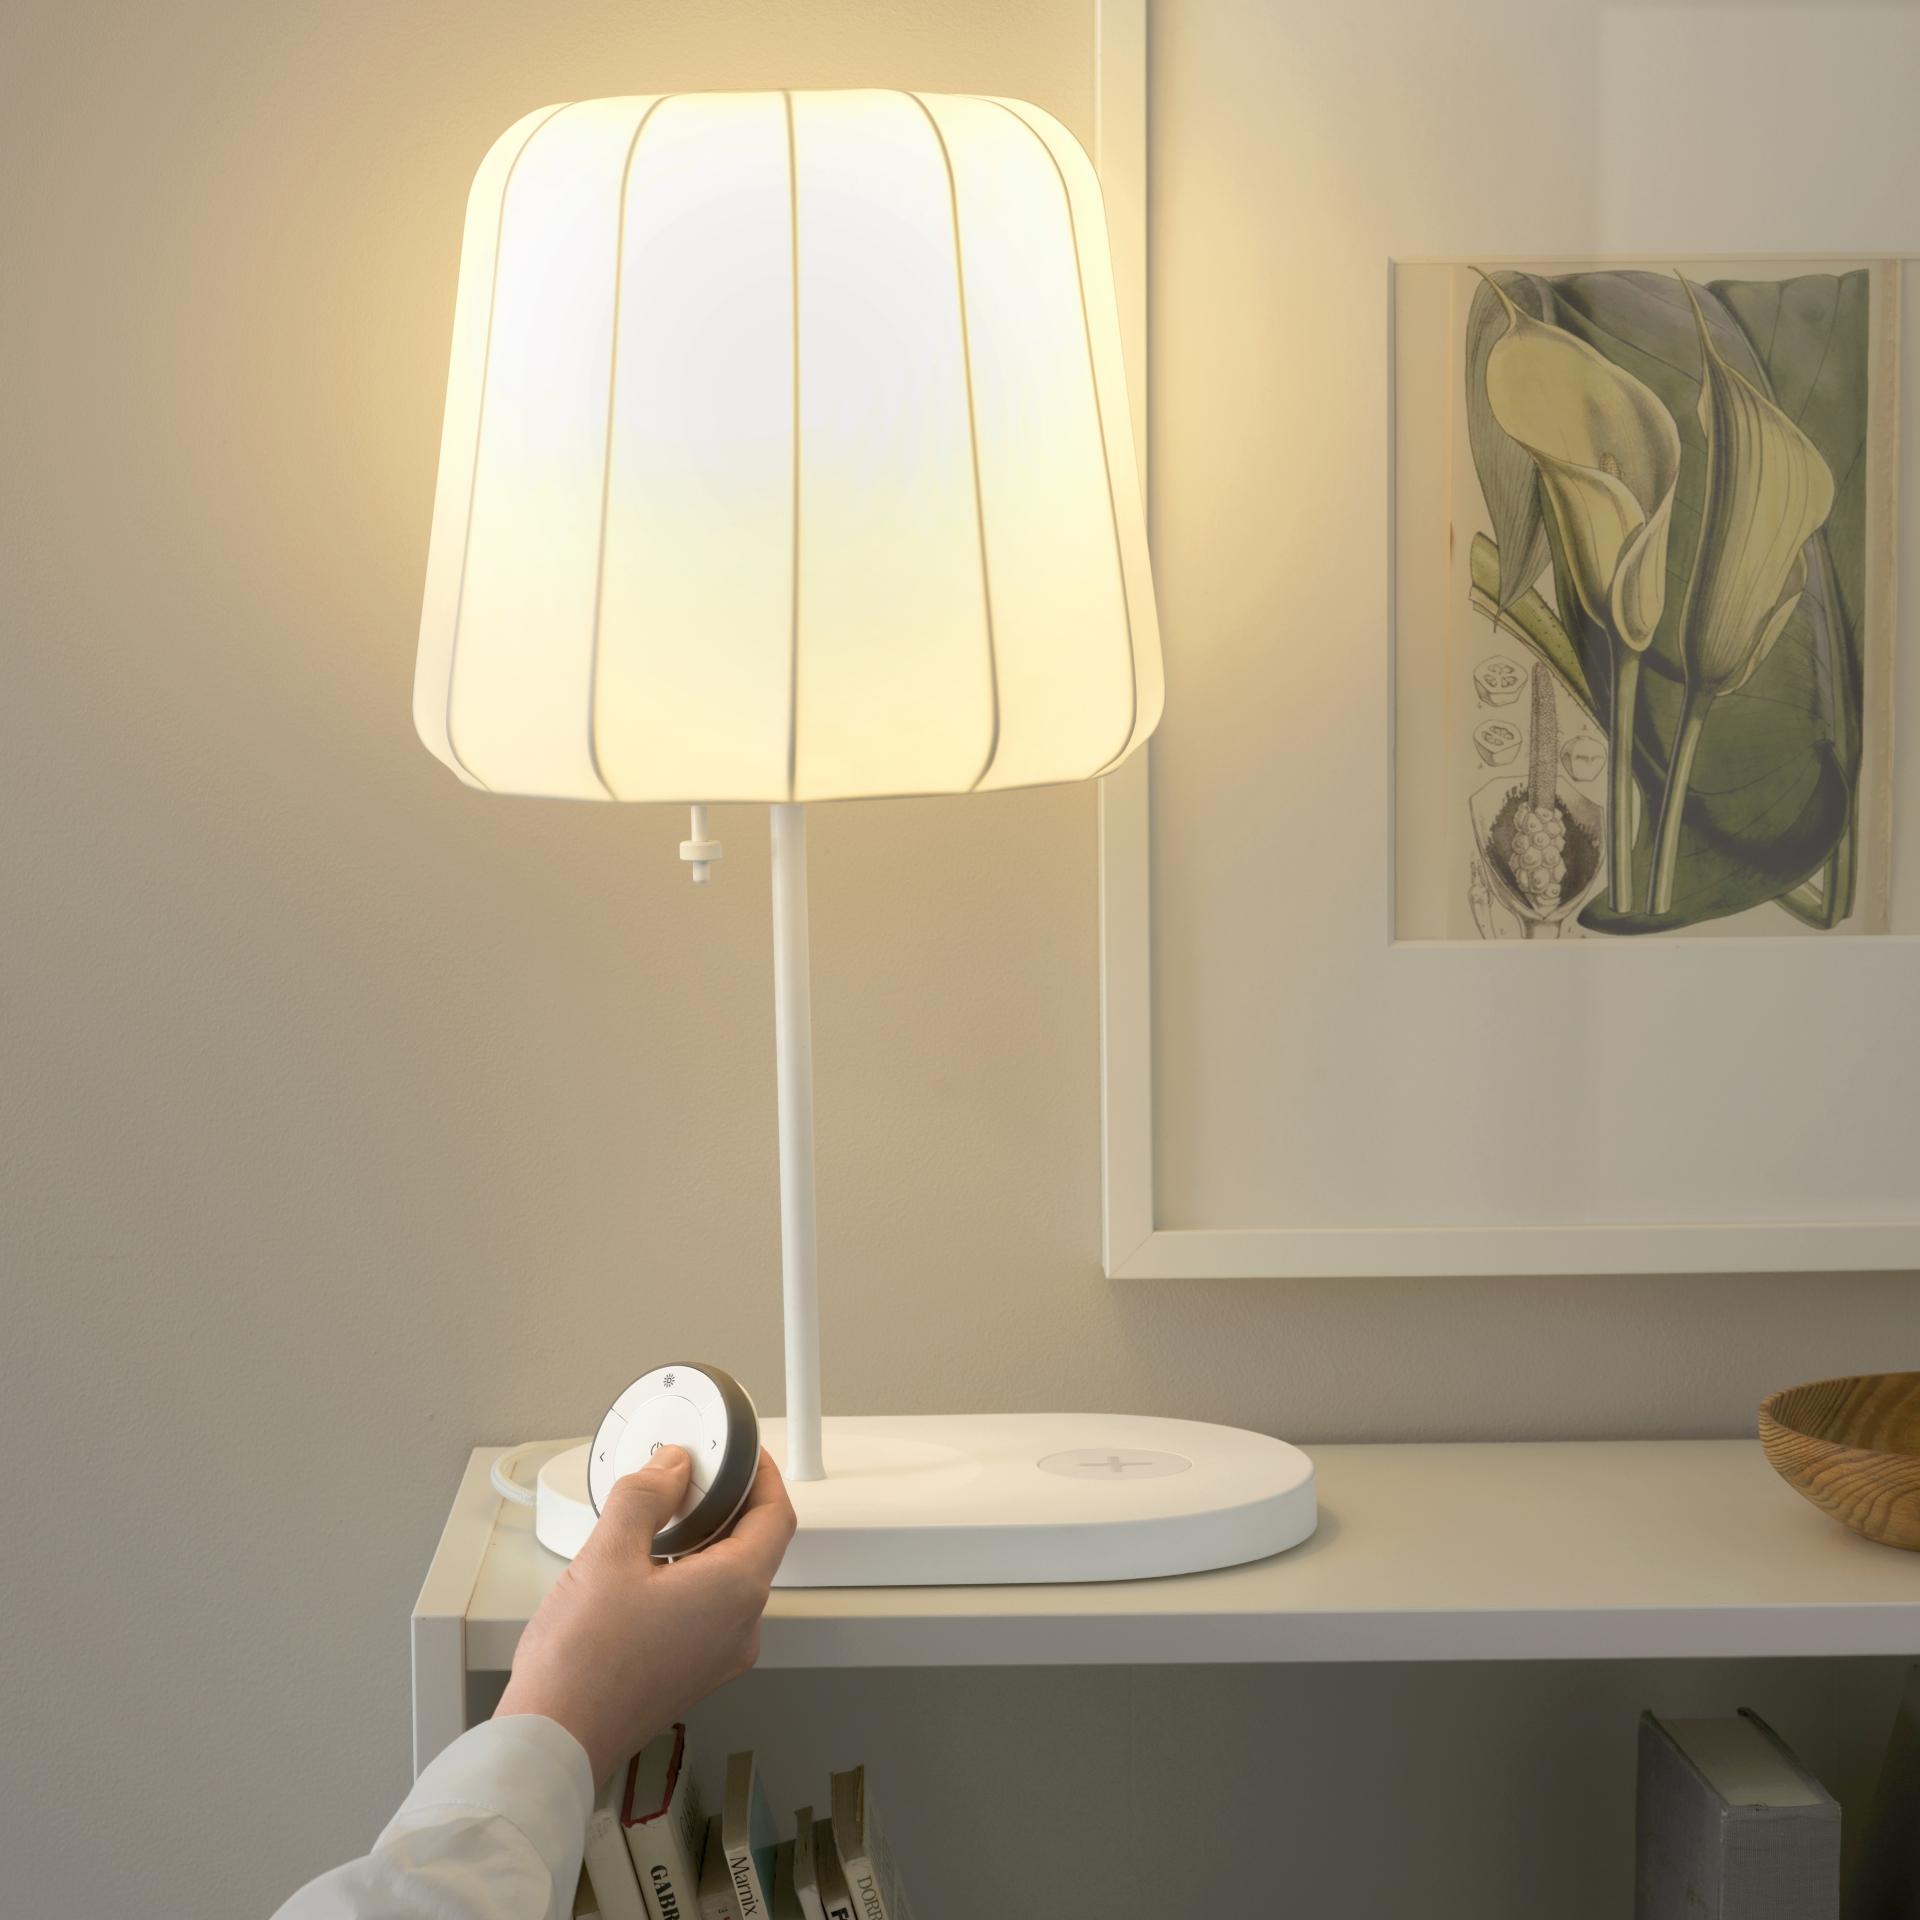 neue smarte beleuchtung ikea macht den n chsten schritt hin zum cleveren zuhause smart home. Black Bedroom Furniture Sets. Home Design Ideas